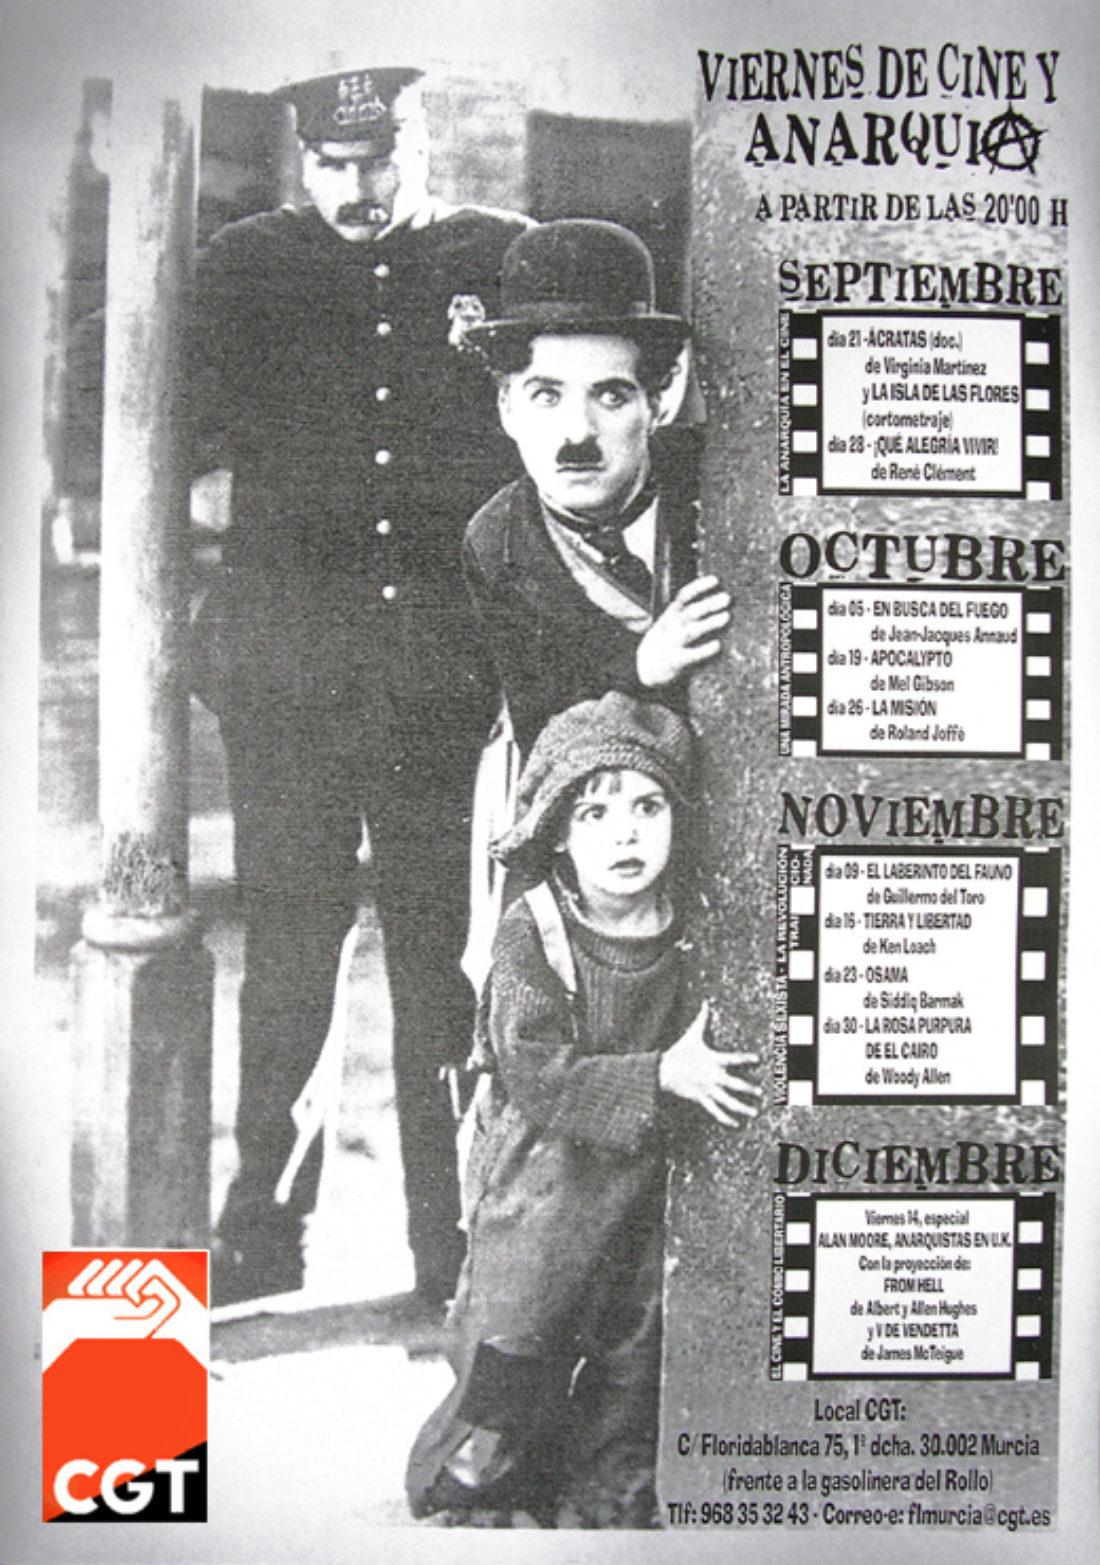 Viernes de cine y Anarquía. los viernes a las 20'00 h. en el local de la CGT en Murcia